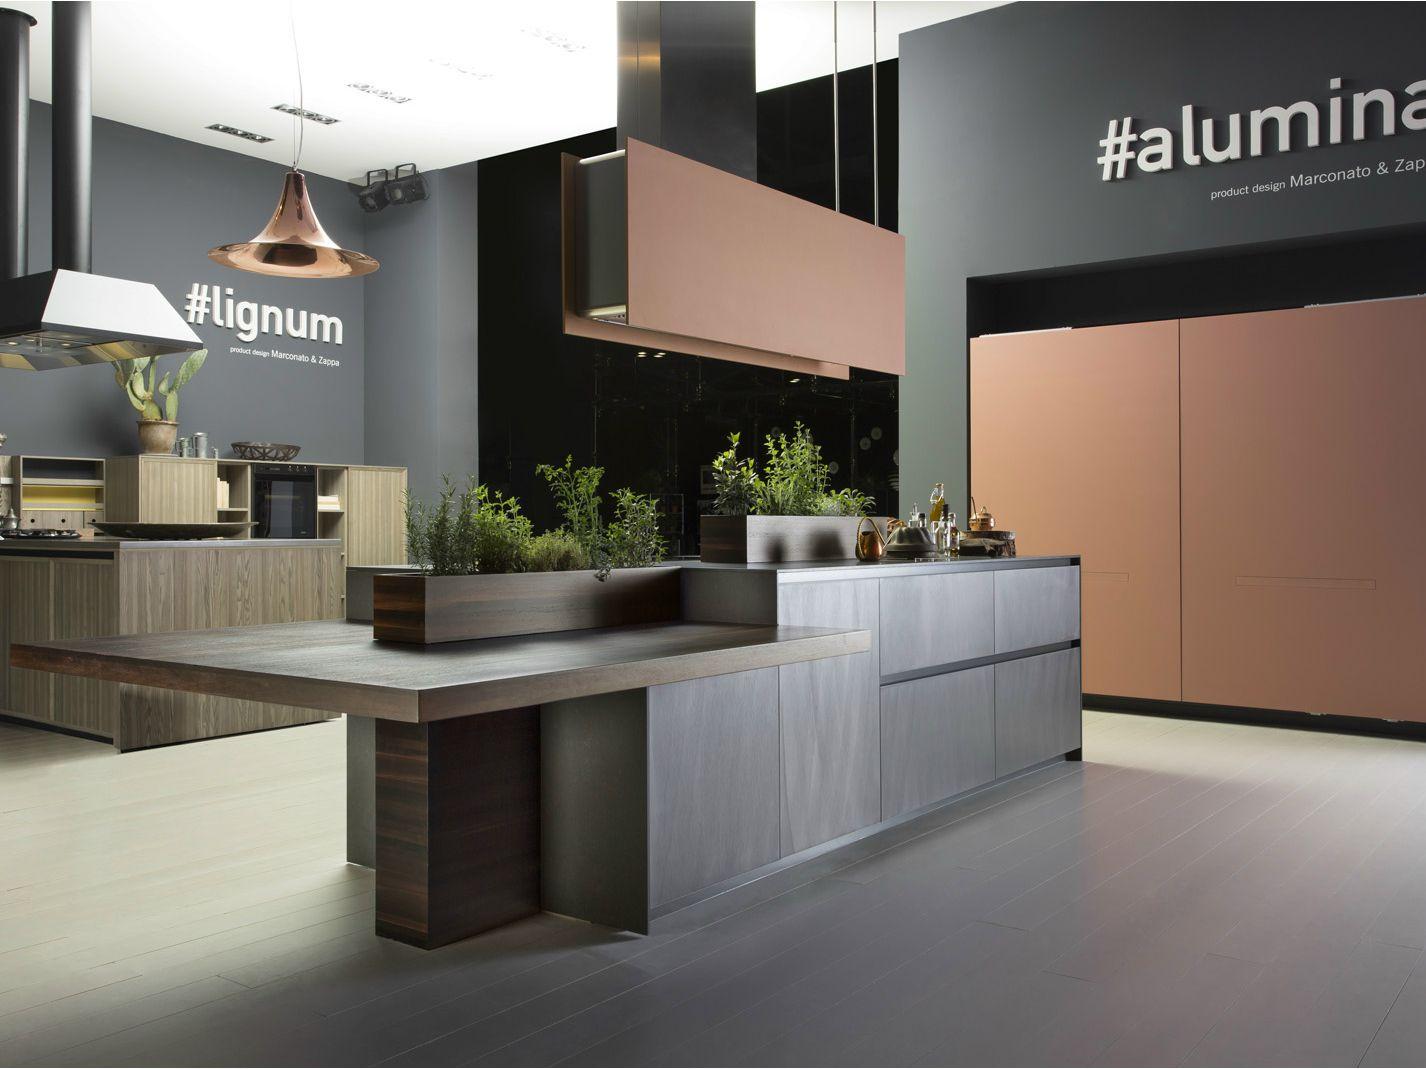 aluminium kitchen with island alumina by comprex design aluminium kitchen with island alumina by comprex design marconato